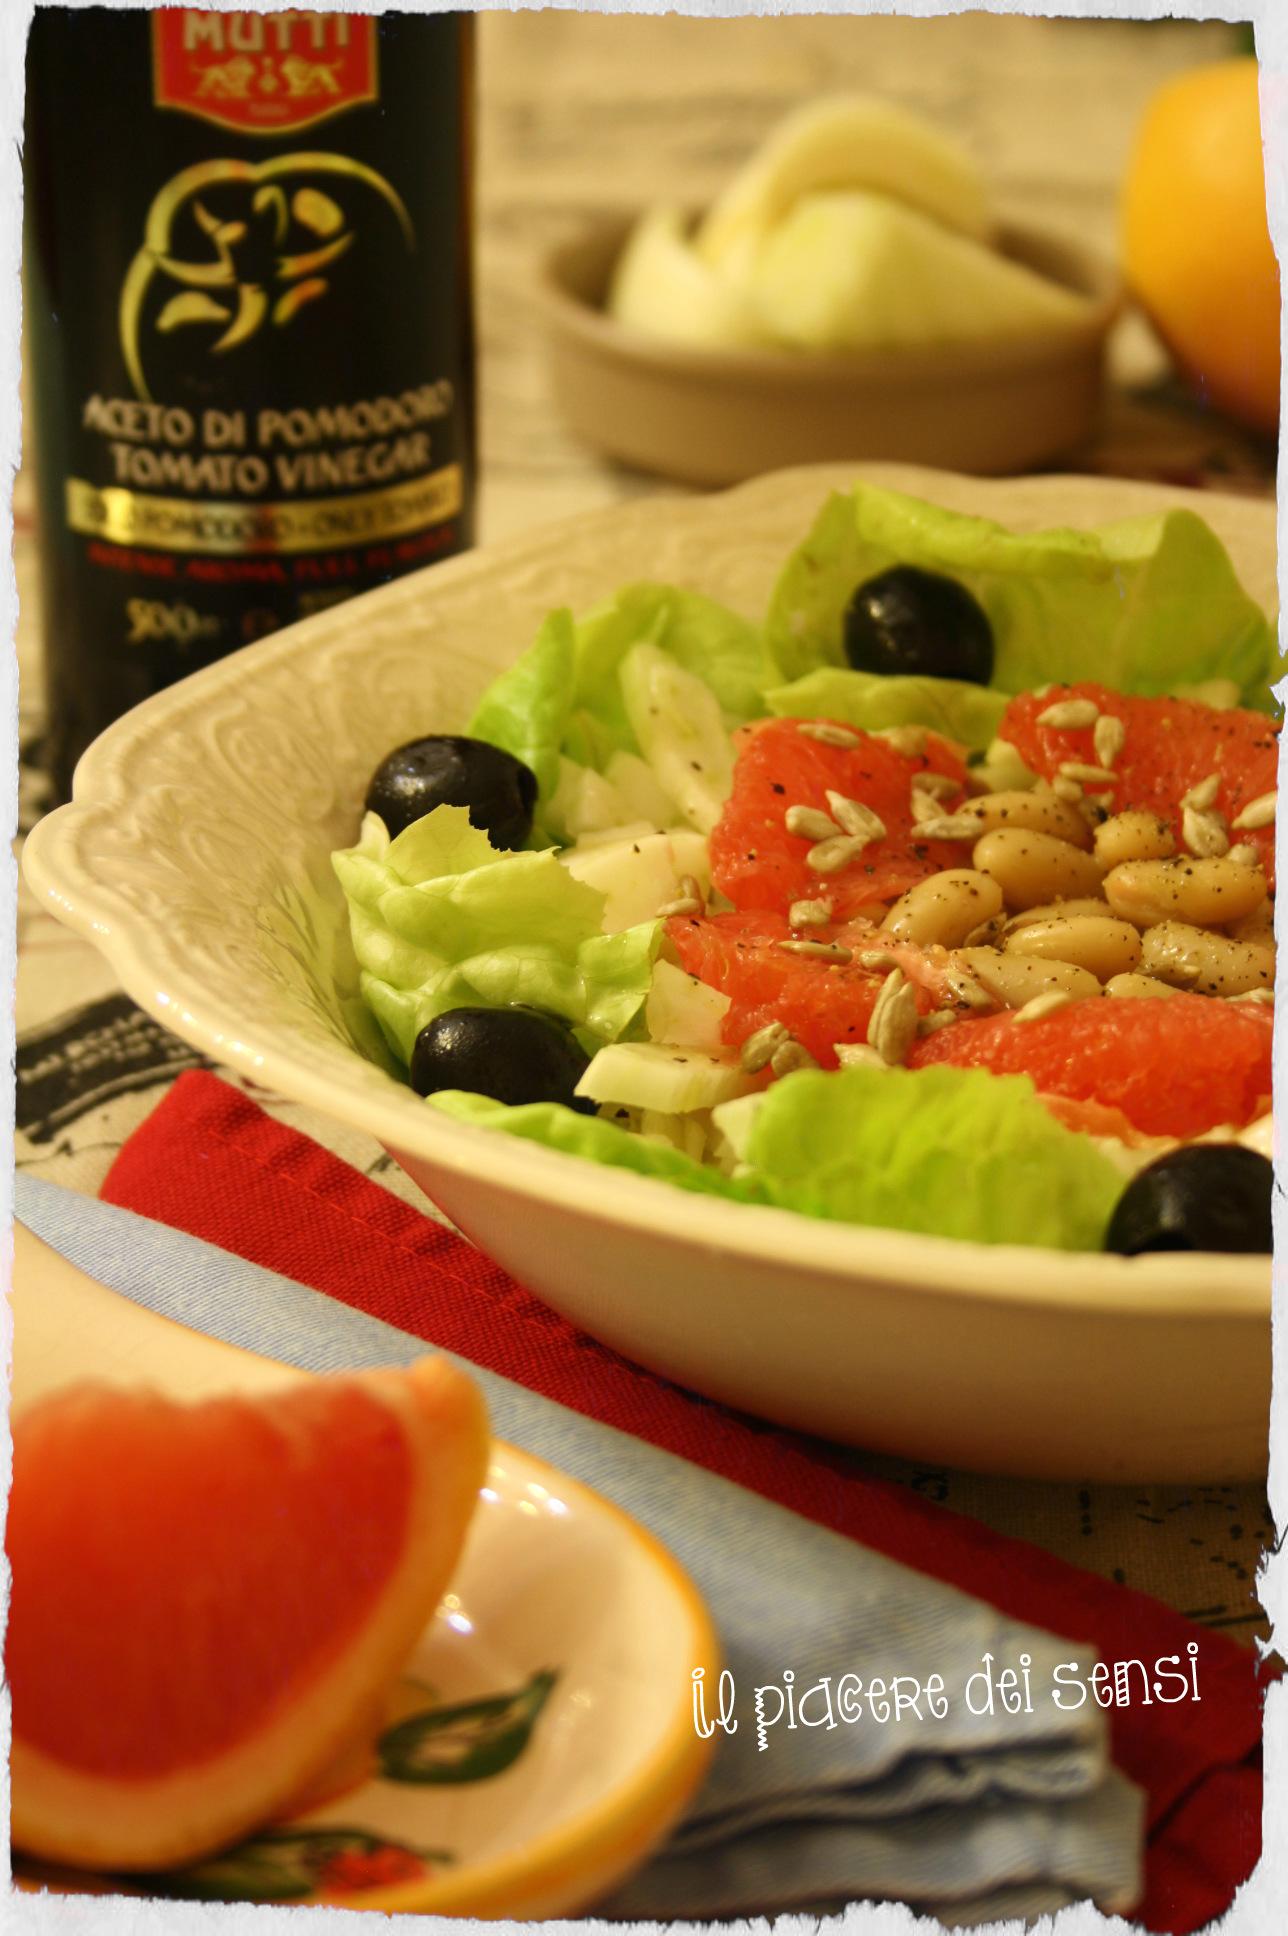 Insalata con pompelmo rosa, finocchi, olive nere, cannellini e semi di girasole